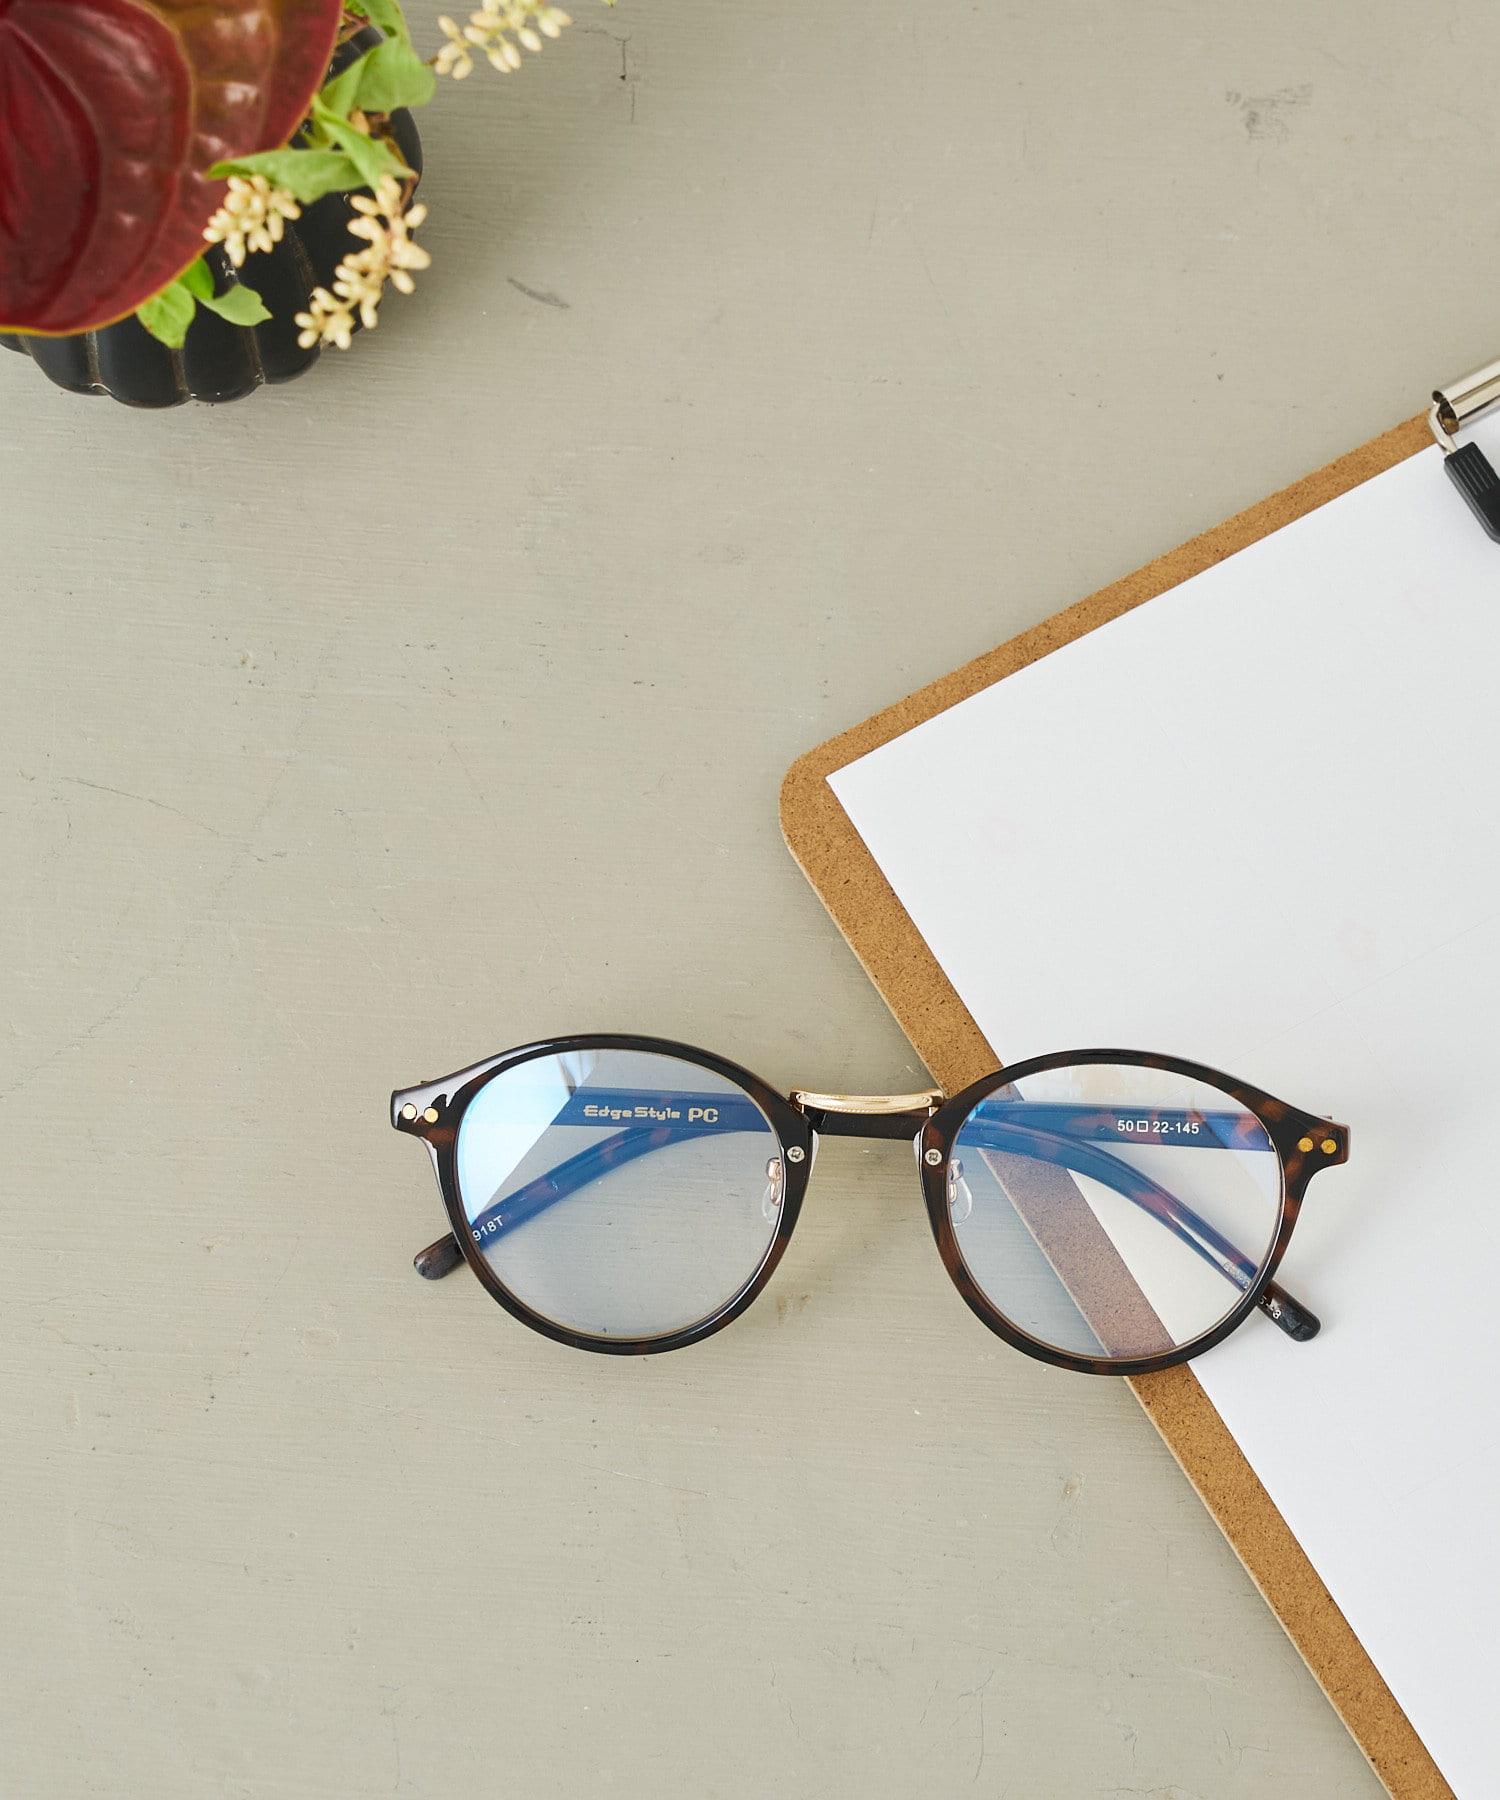 BONbazaar(ボンバザール) 【Edge Style】PC glasses ESPC205-3